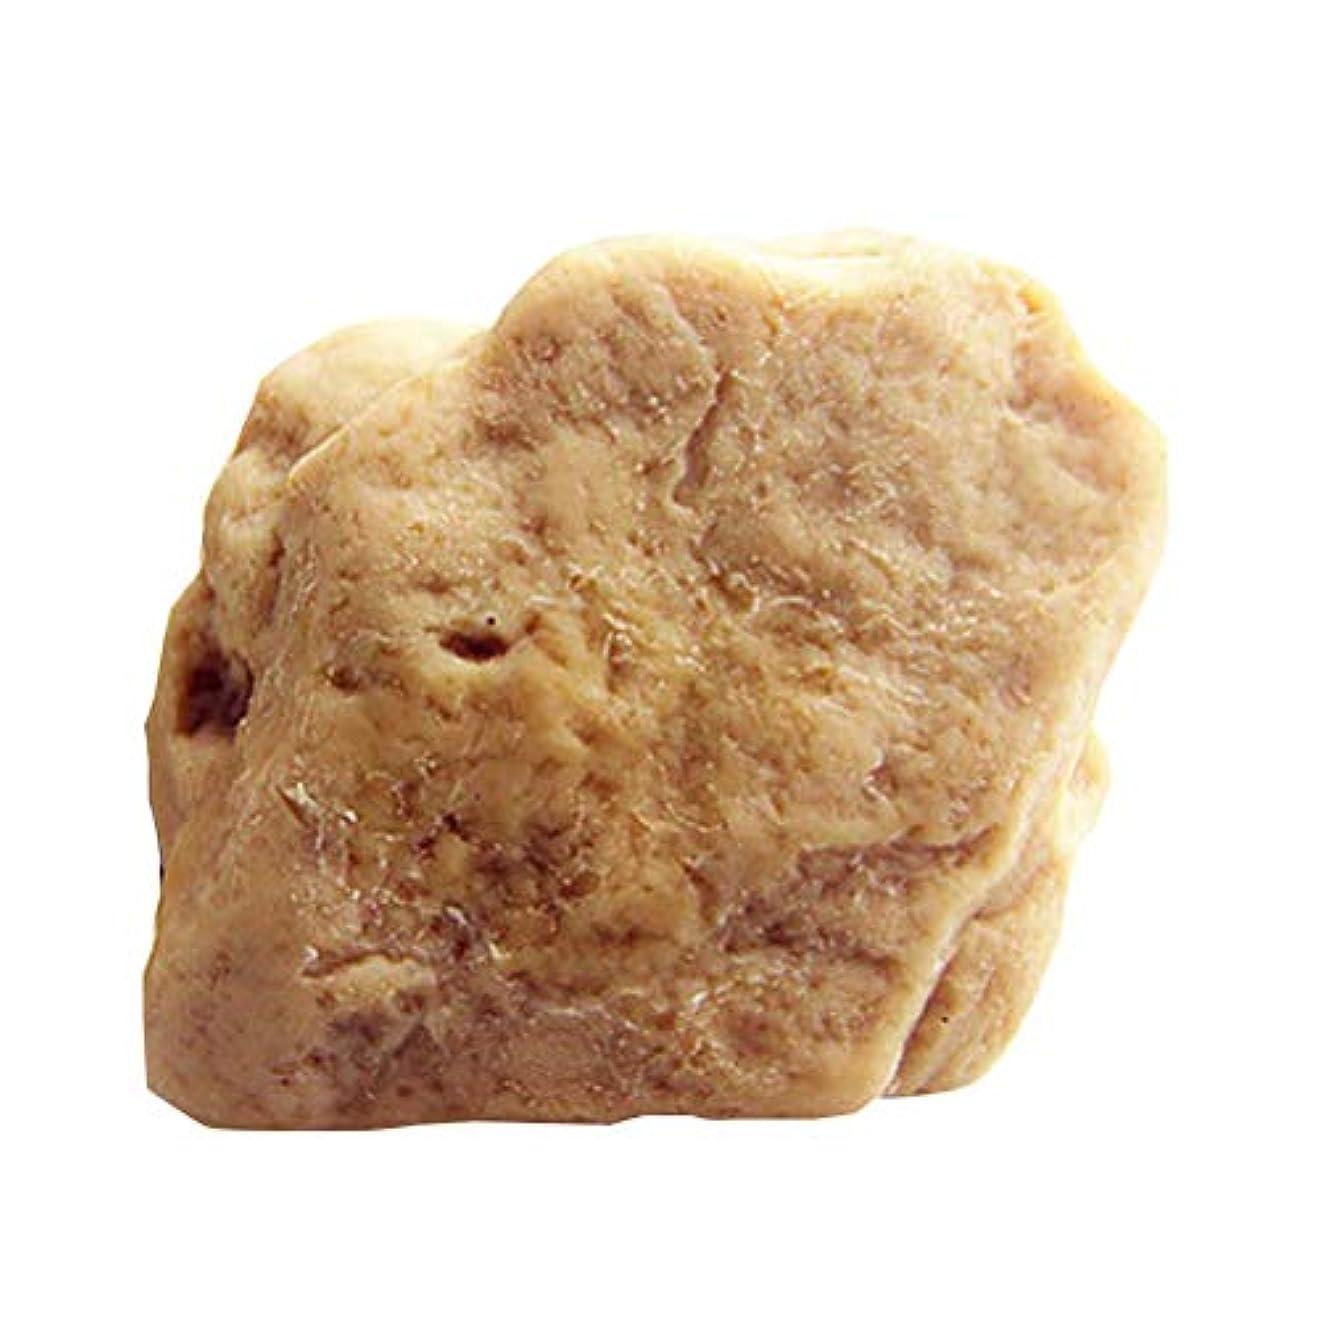 マイコン強います家禽Creacom オリーブオイル 石鹸 肌に優しい無添加 毛穴 対策 洗顔石鹸 保湿 固形 毛穴 黒ずみ 肌荒れ くすみ ニキビ 美白 美肌 角質除去 肌荒れ 乾燥肌 オイル肌 混合肌 対策 全身可能